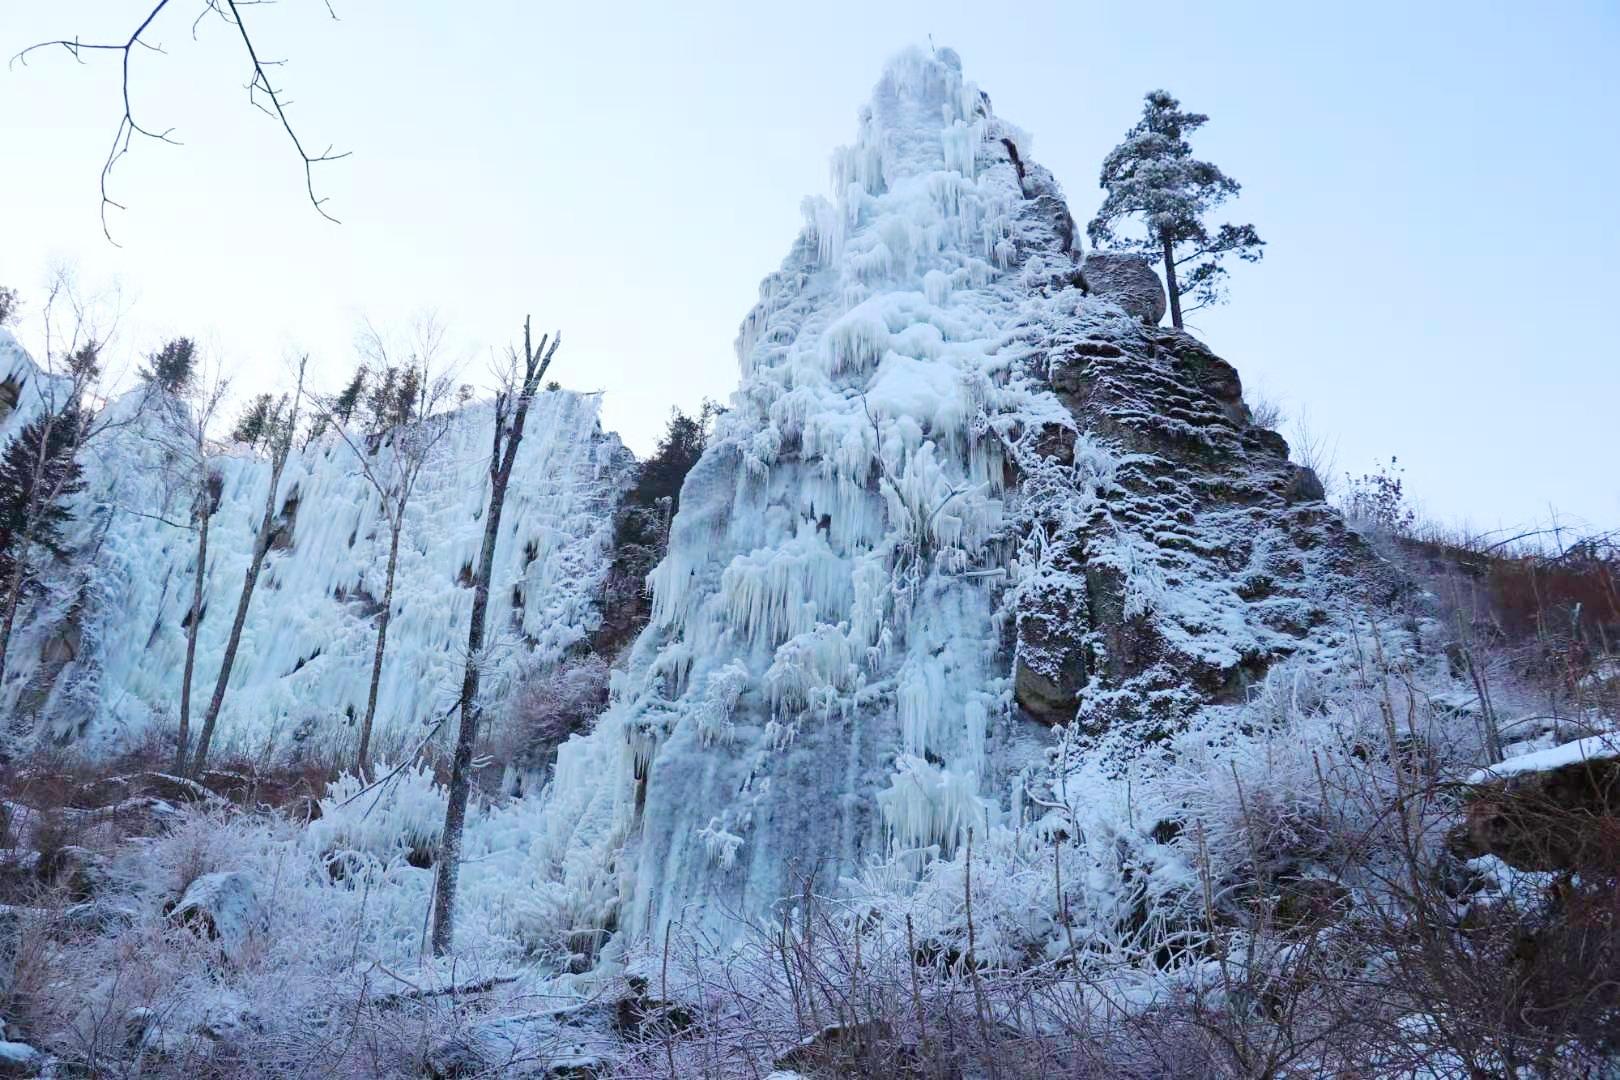 伊春九峰山 多趣冰雪带来别样的冬天